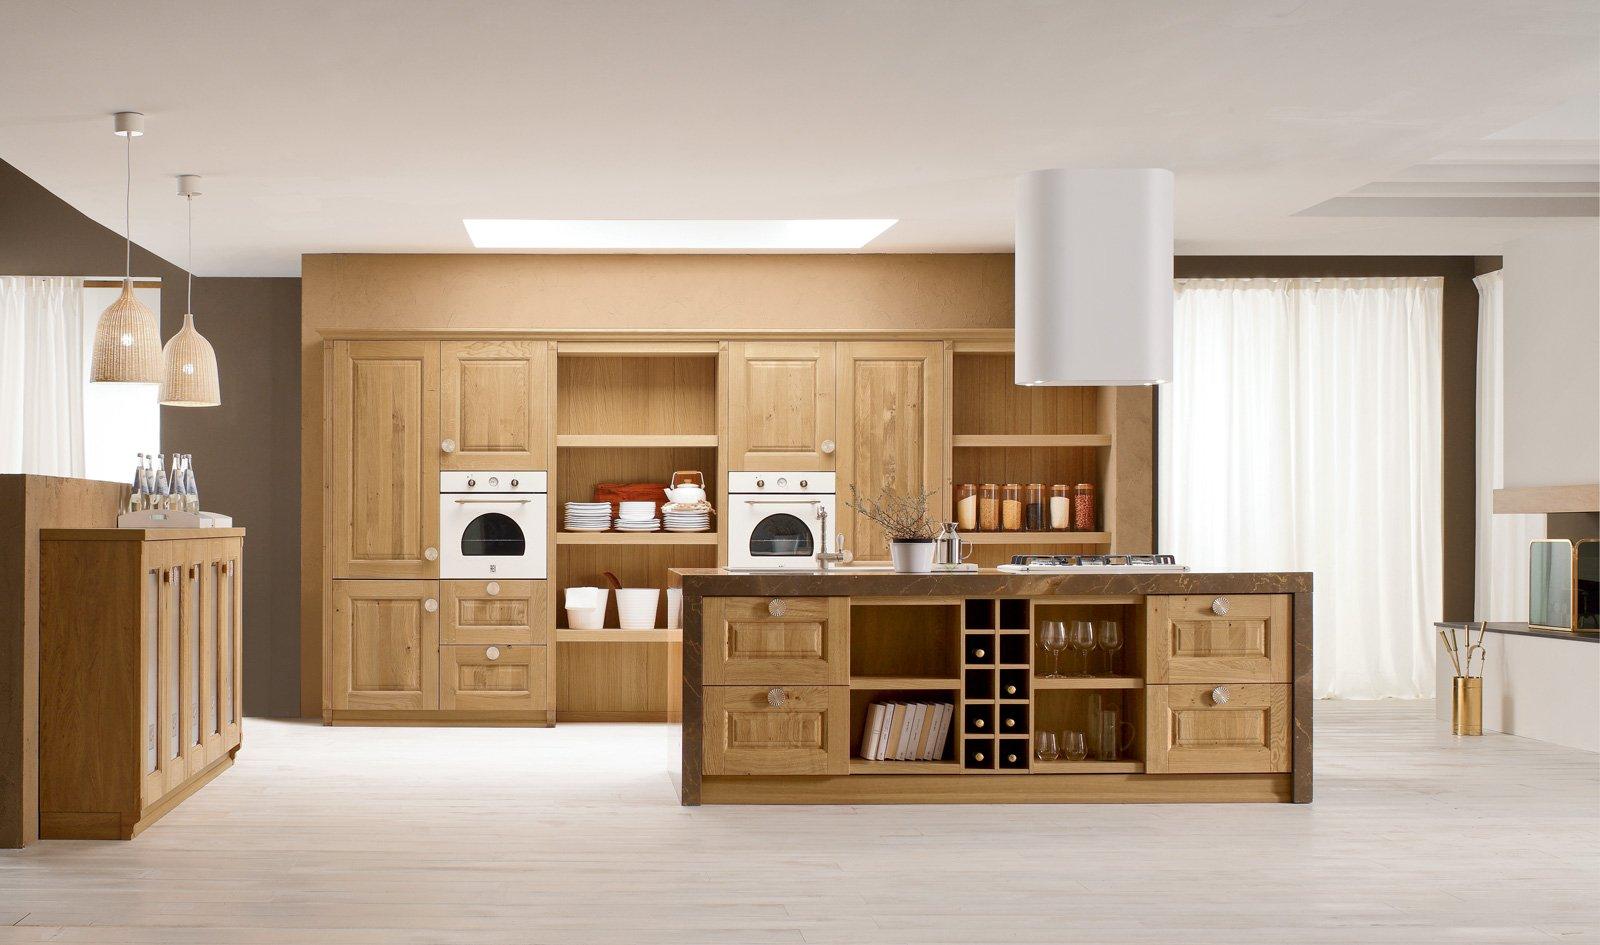 Telaio Per Ante Cucina Muratura.Cucine Con Ante Riquadrate O A Telaio Cose Di Casa